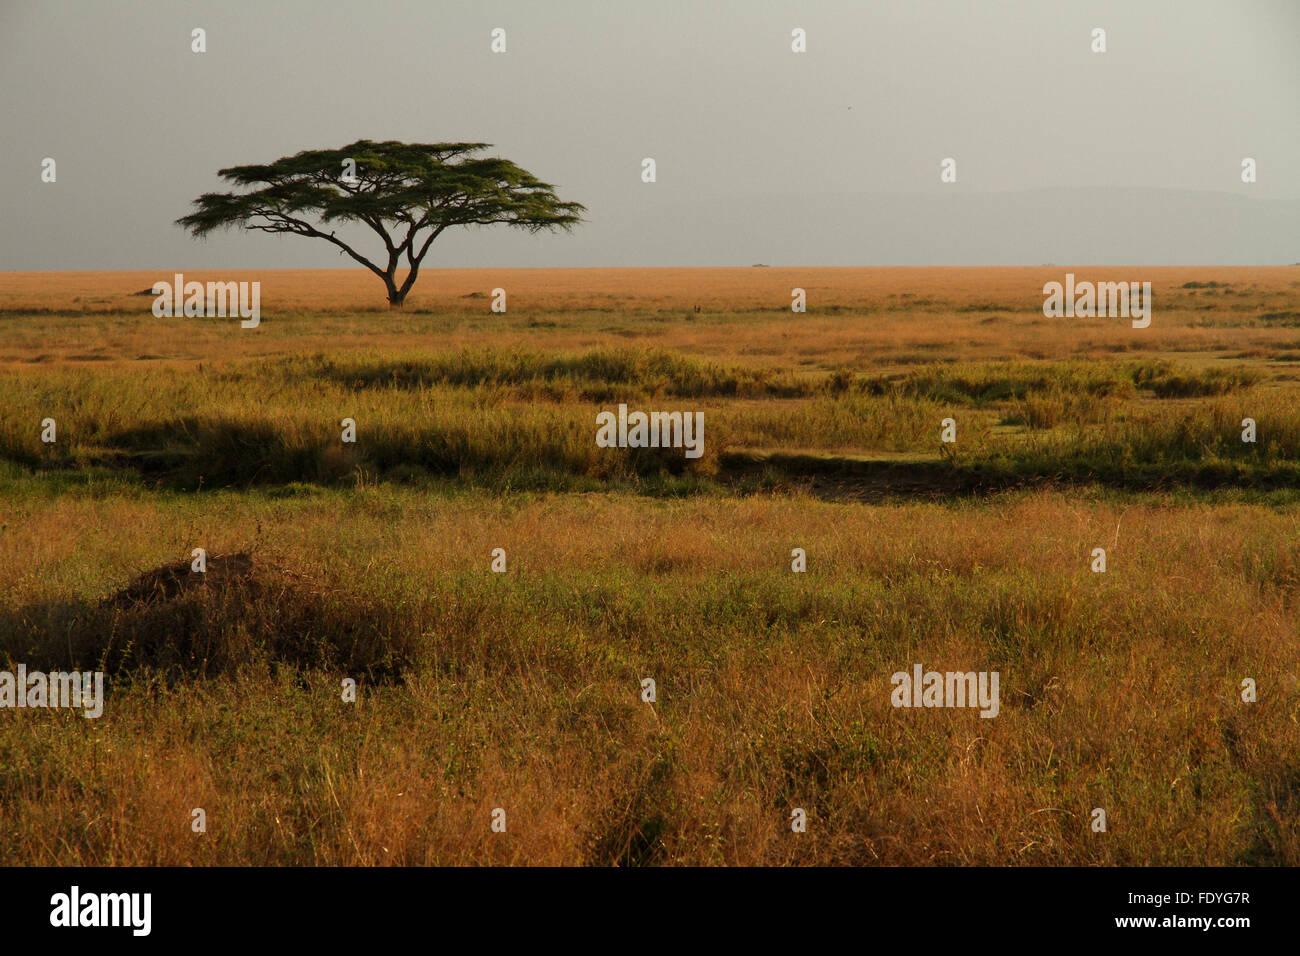 Un acacia solitaire assis dans les herbes colorées de la savane africaine Photo Stock